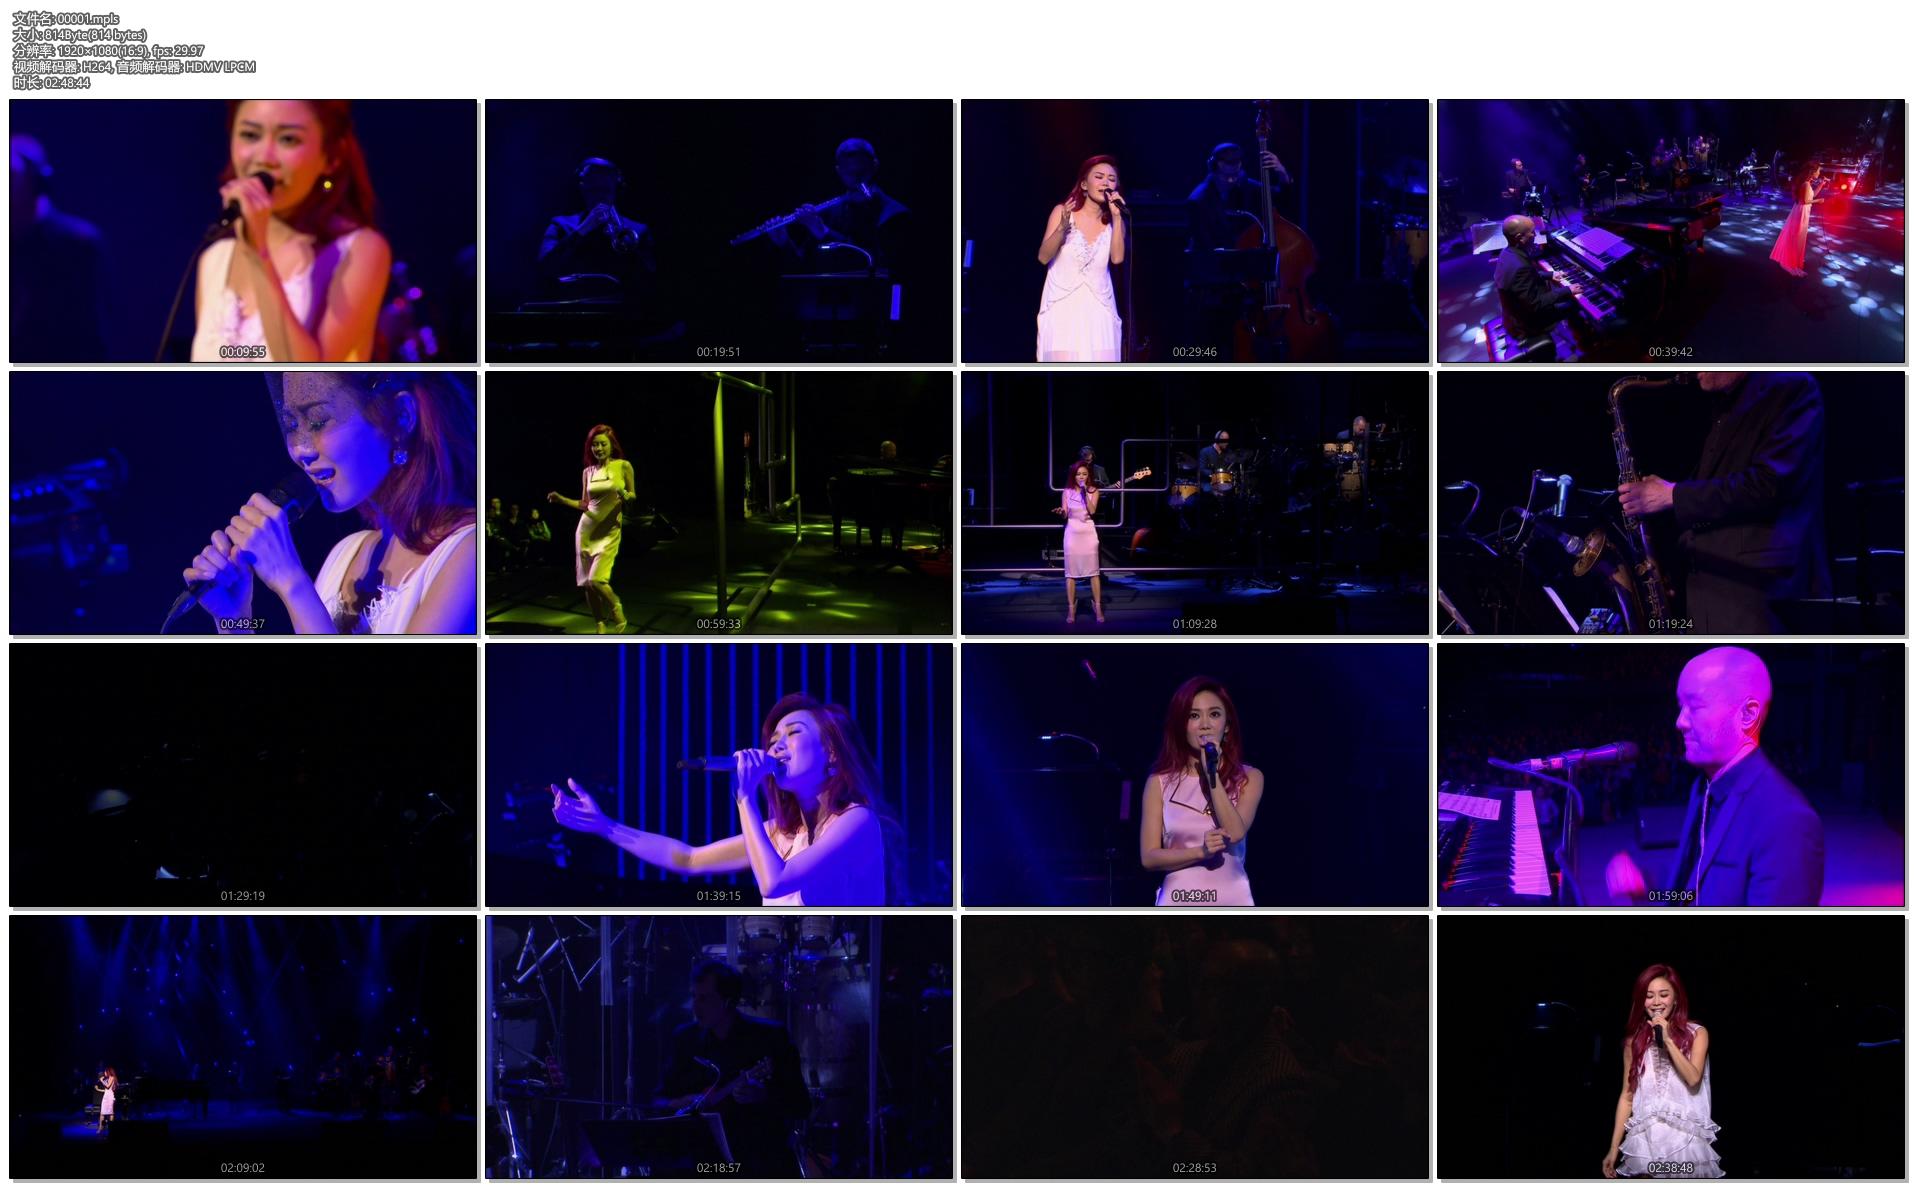 [蓝光原盘] 胡琳BodynSoul演唱会2015Bianca Wu Body n Soul Concert 《ISO 22.9G》插图(4)